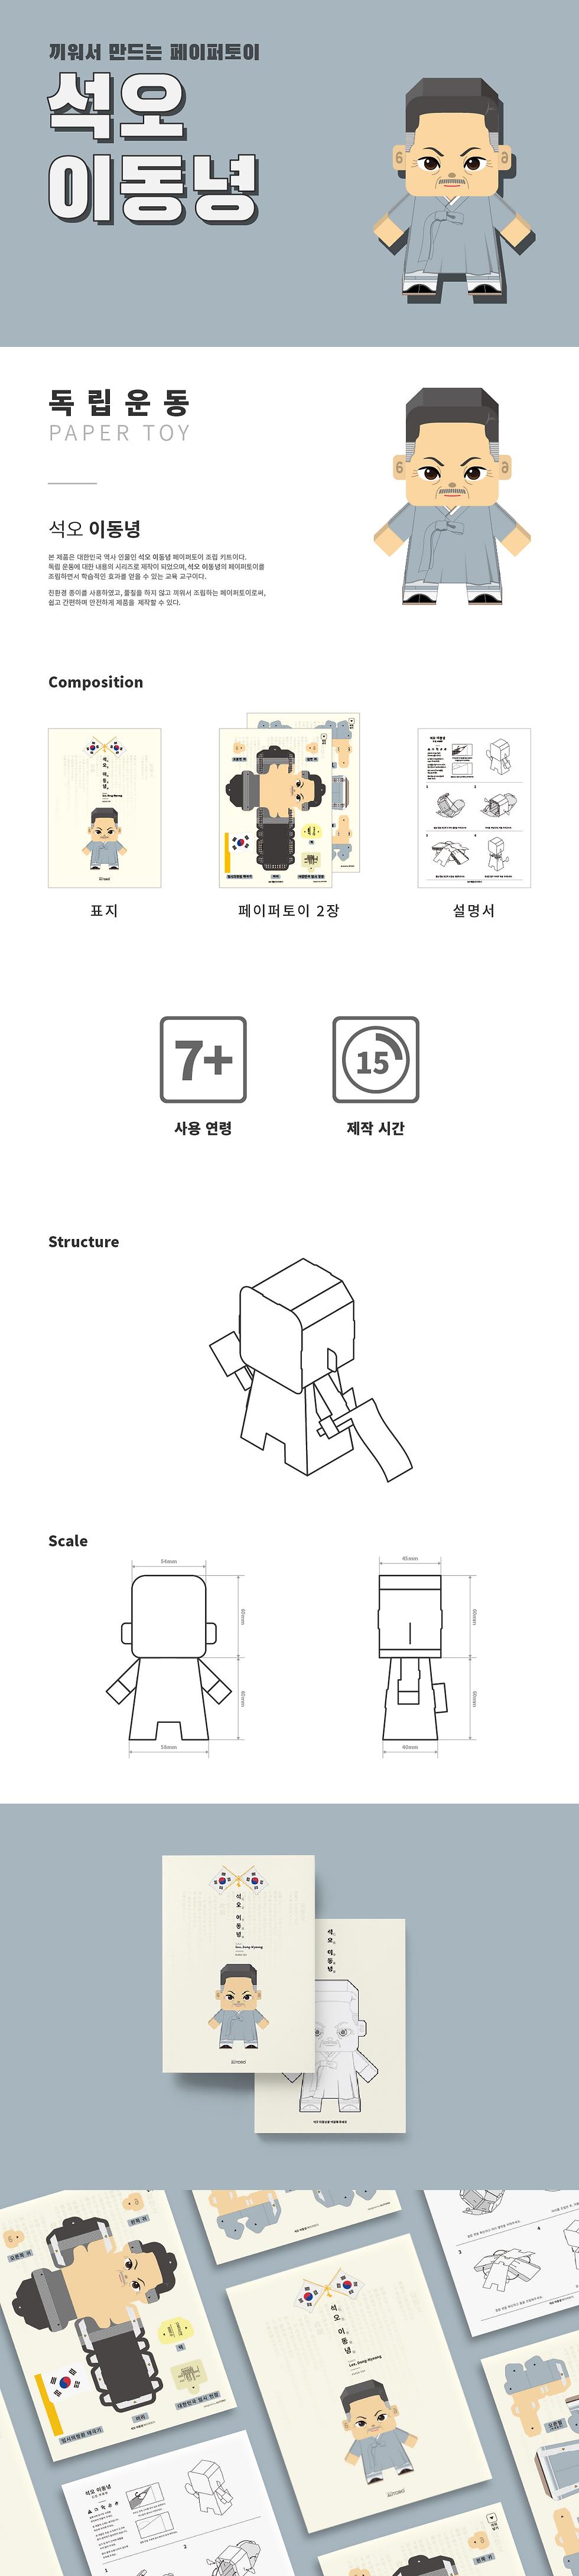 01-25. 석오 이동녕_독립운동_상세페이지.png